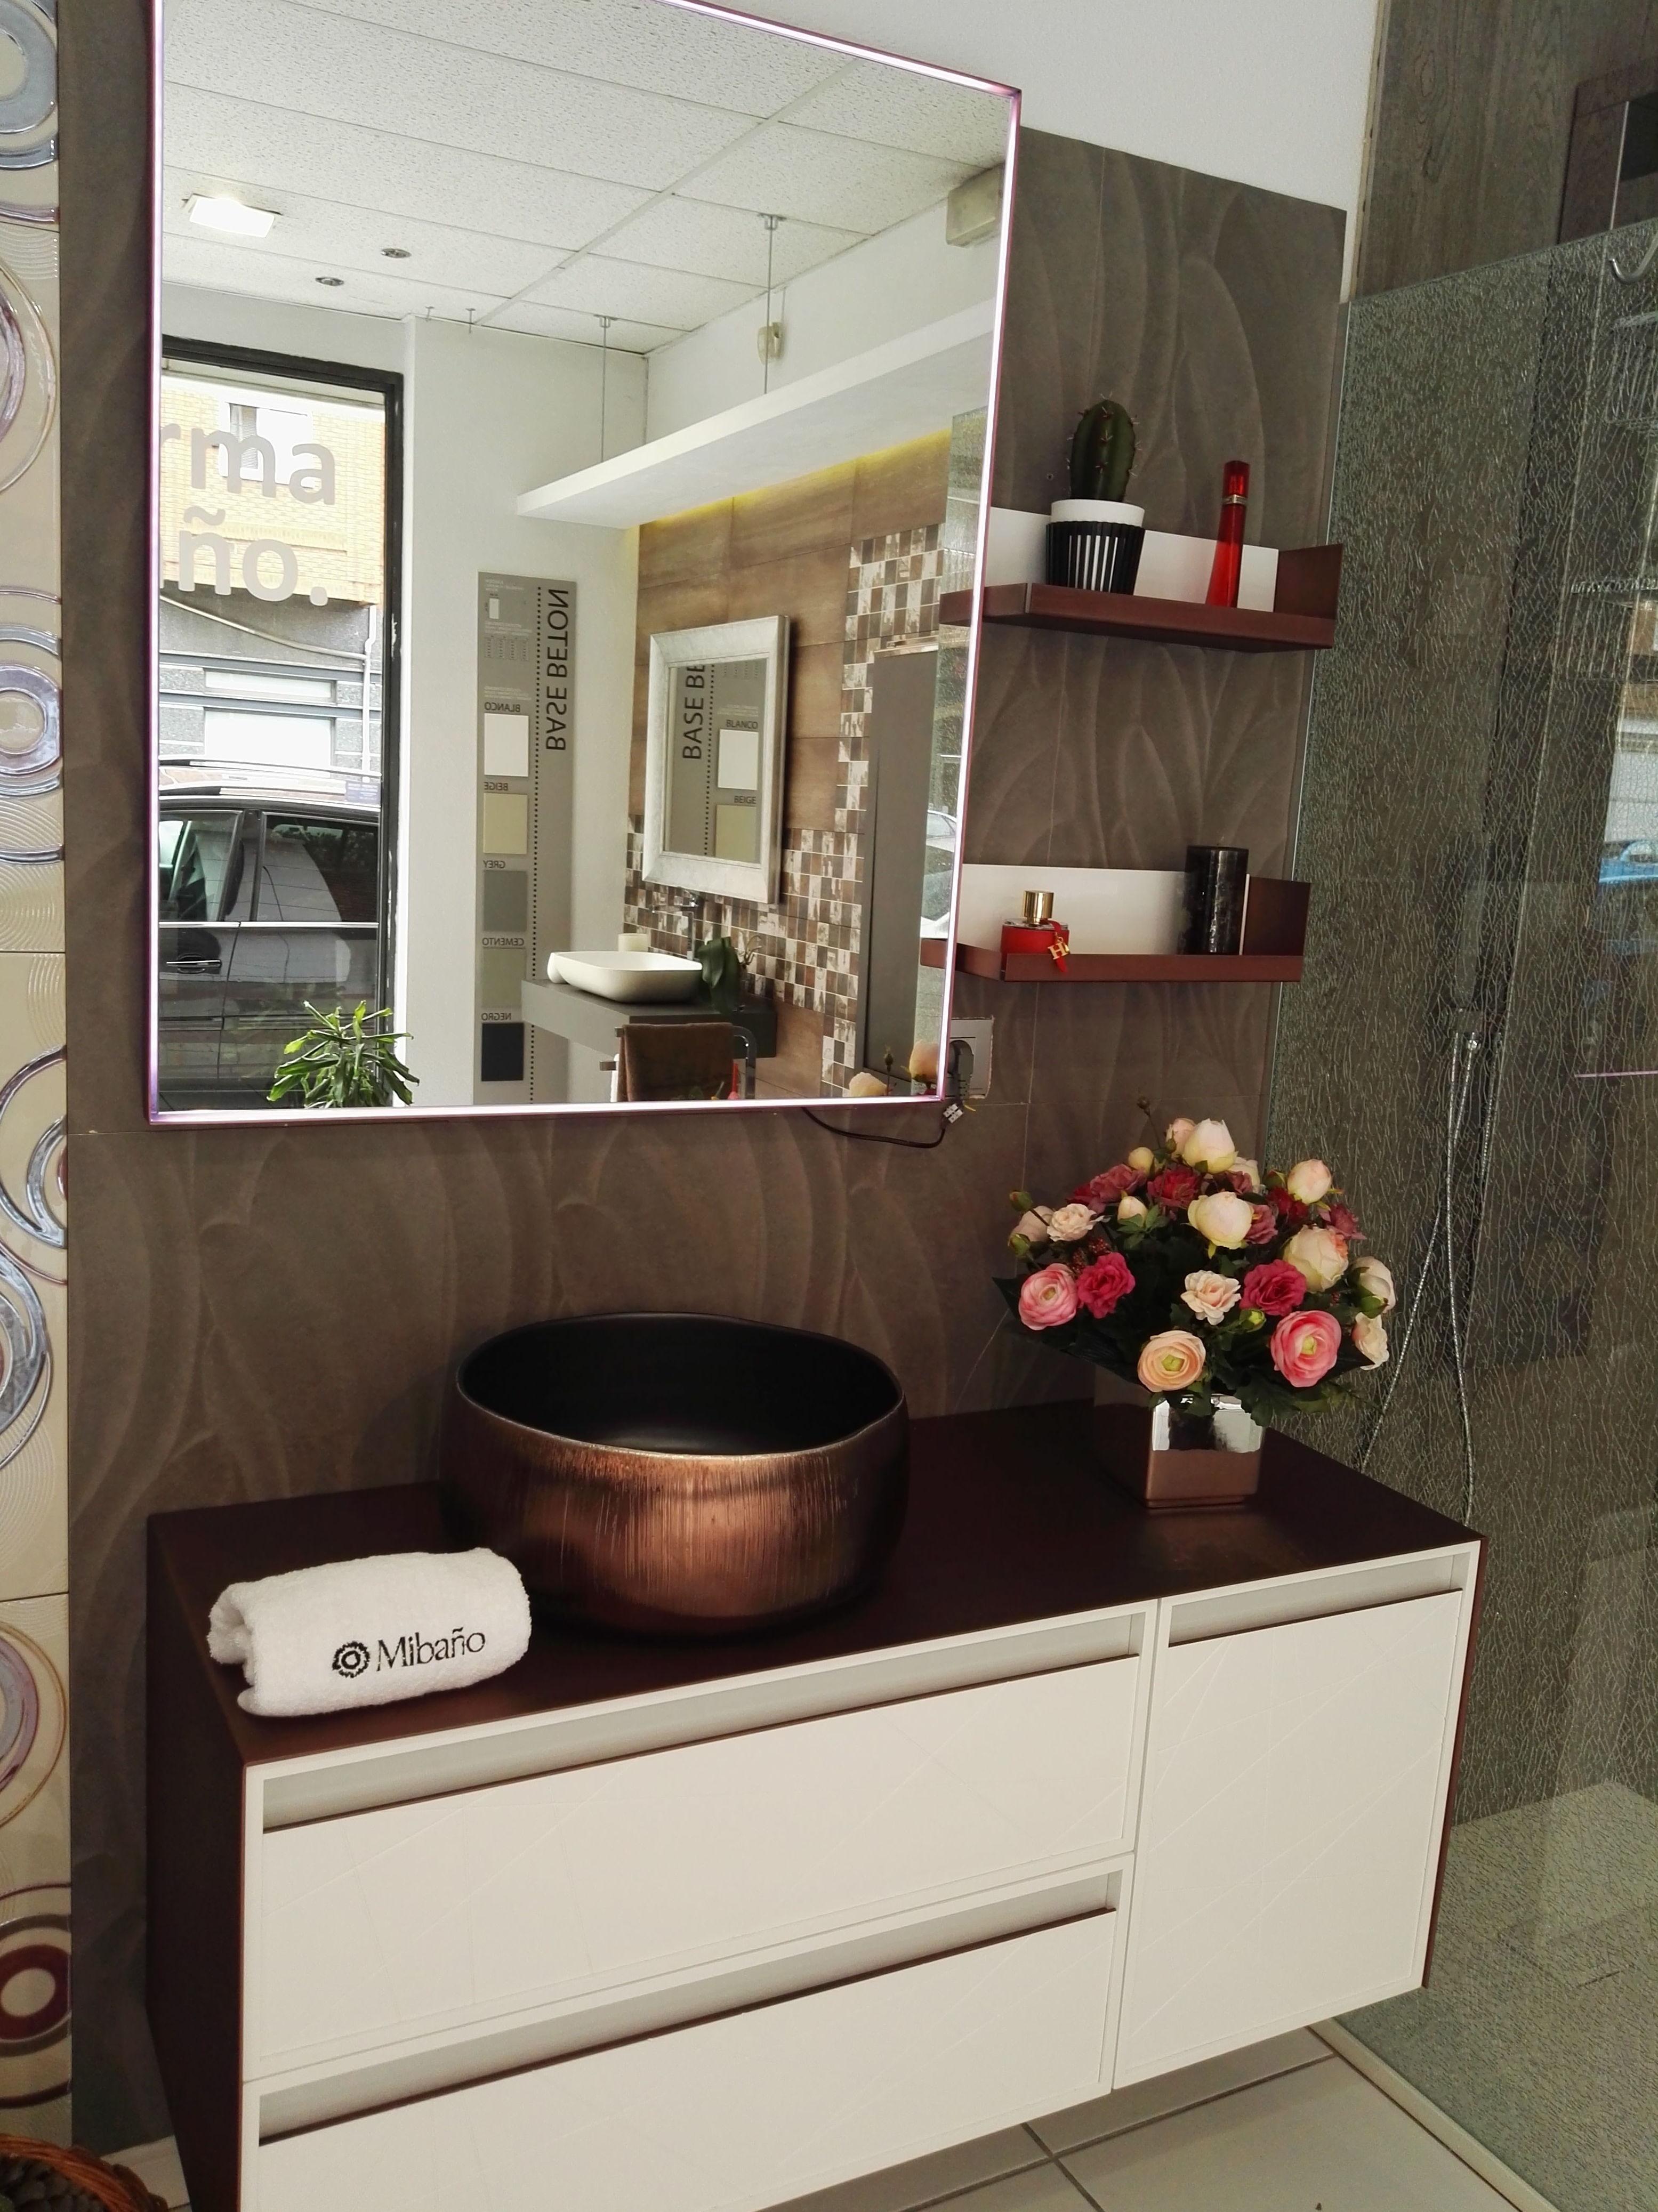 Foto 46 de Reformas en baños y cocinas en Trobajo del Camino | F. Alba, cocinas y baños